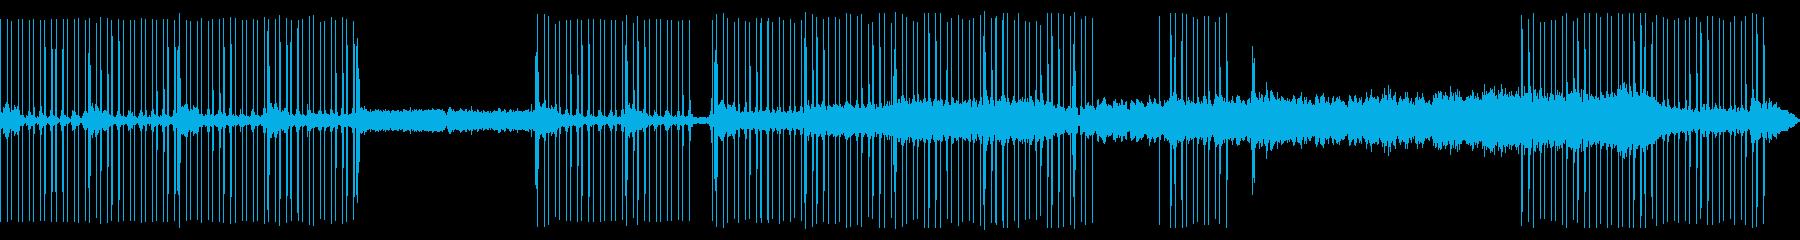 謎めいたチルアウトです。の再生済みの波形